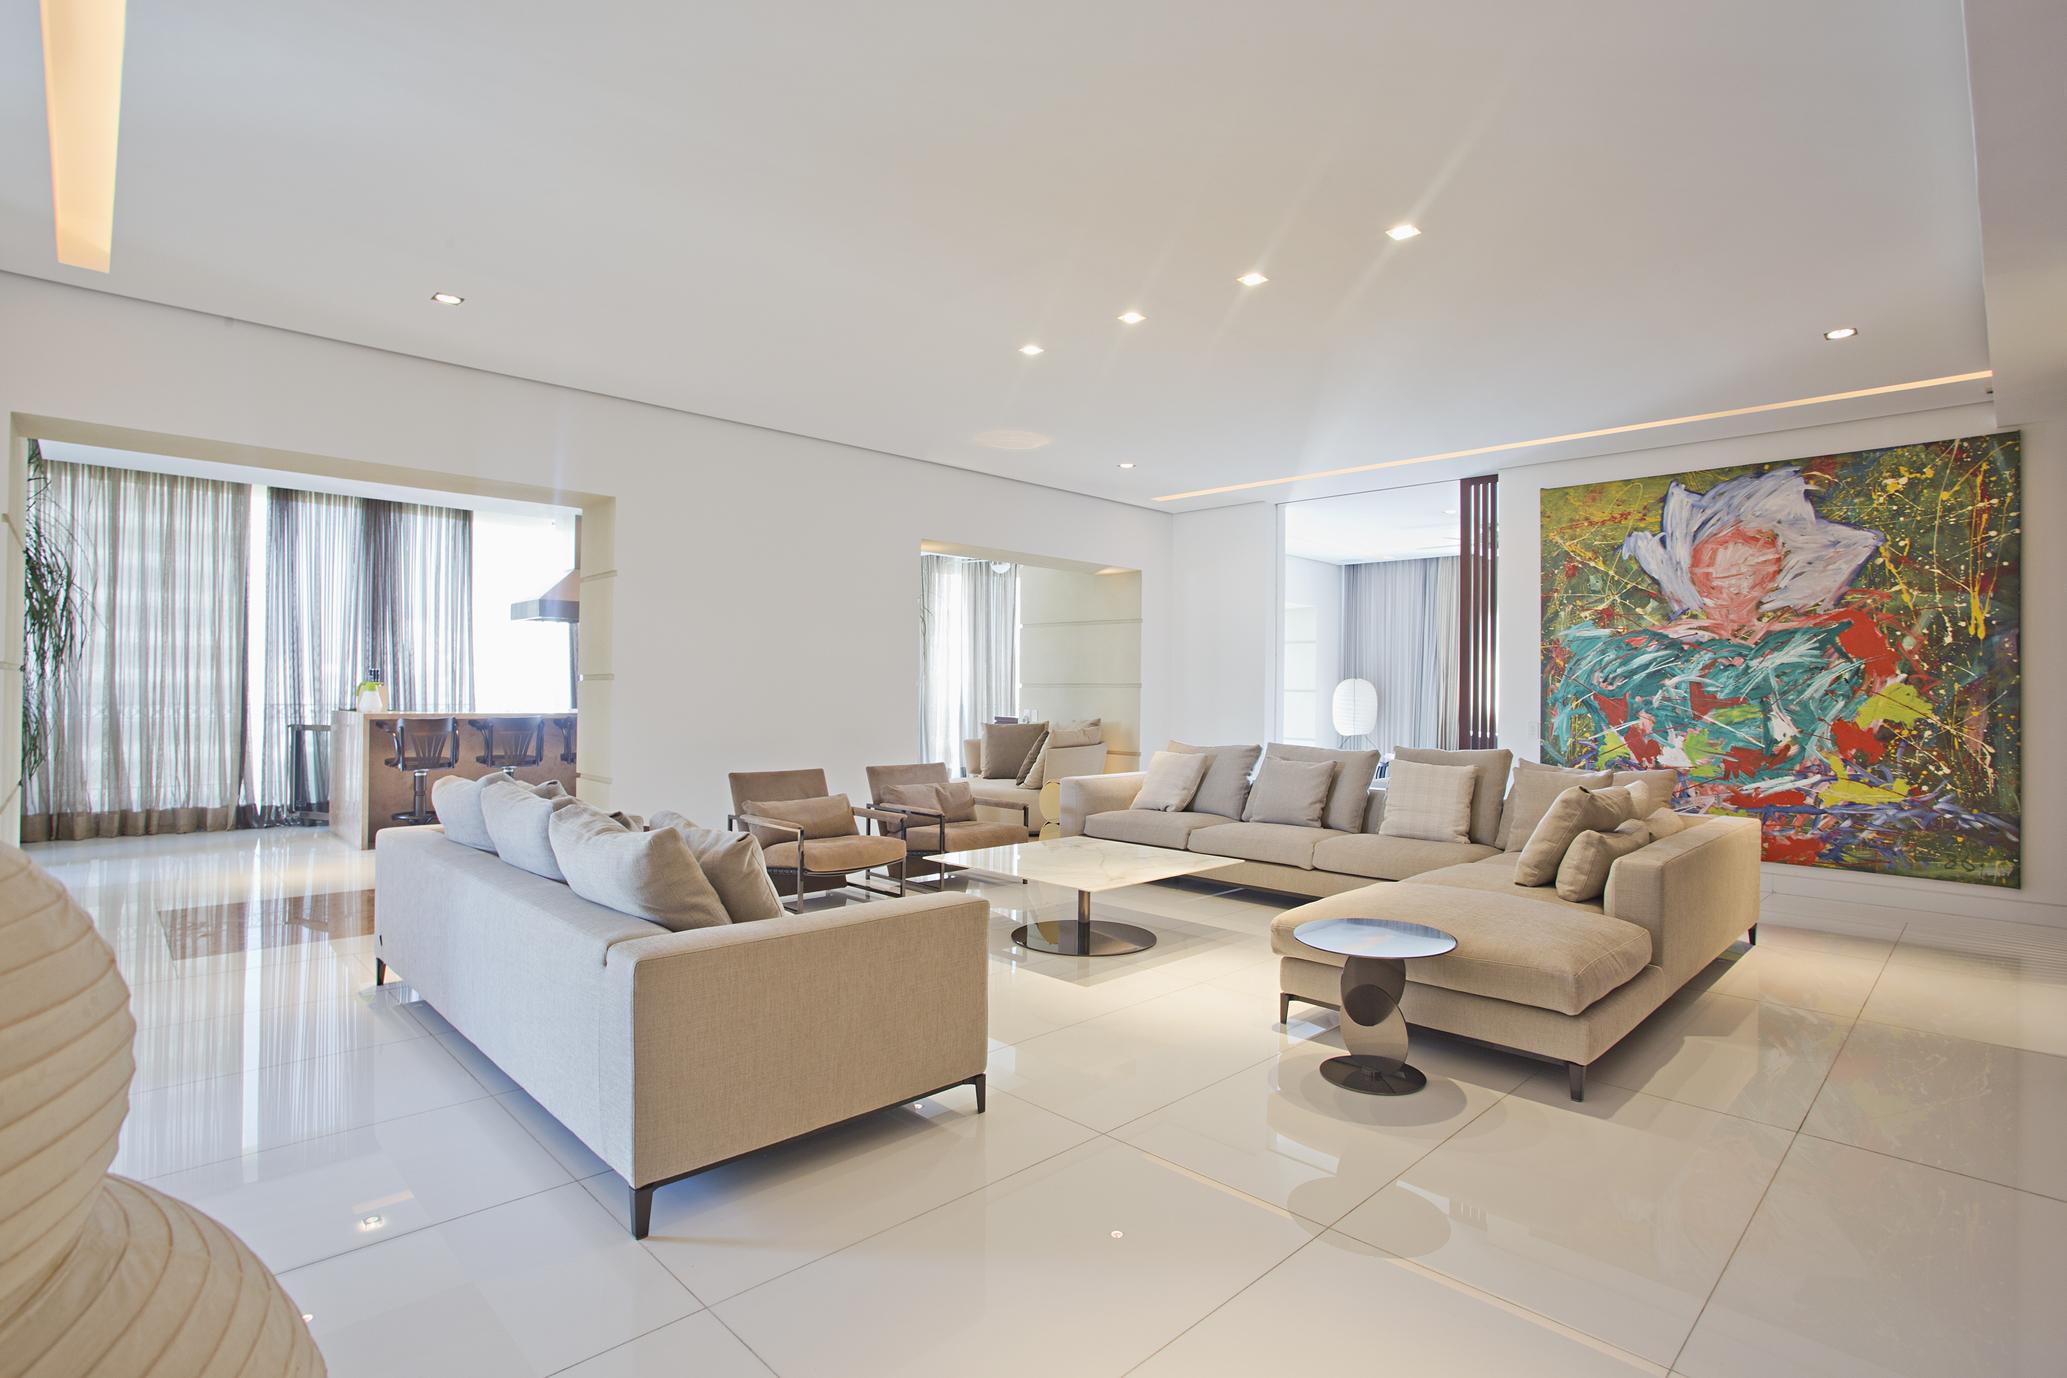 단독 가정 주택 용 매매 에 Sumptuous apartment Praça Pereira Coutinho Sao Paulo, 상파울로, 04510010 브라질